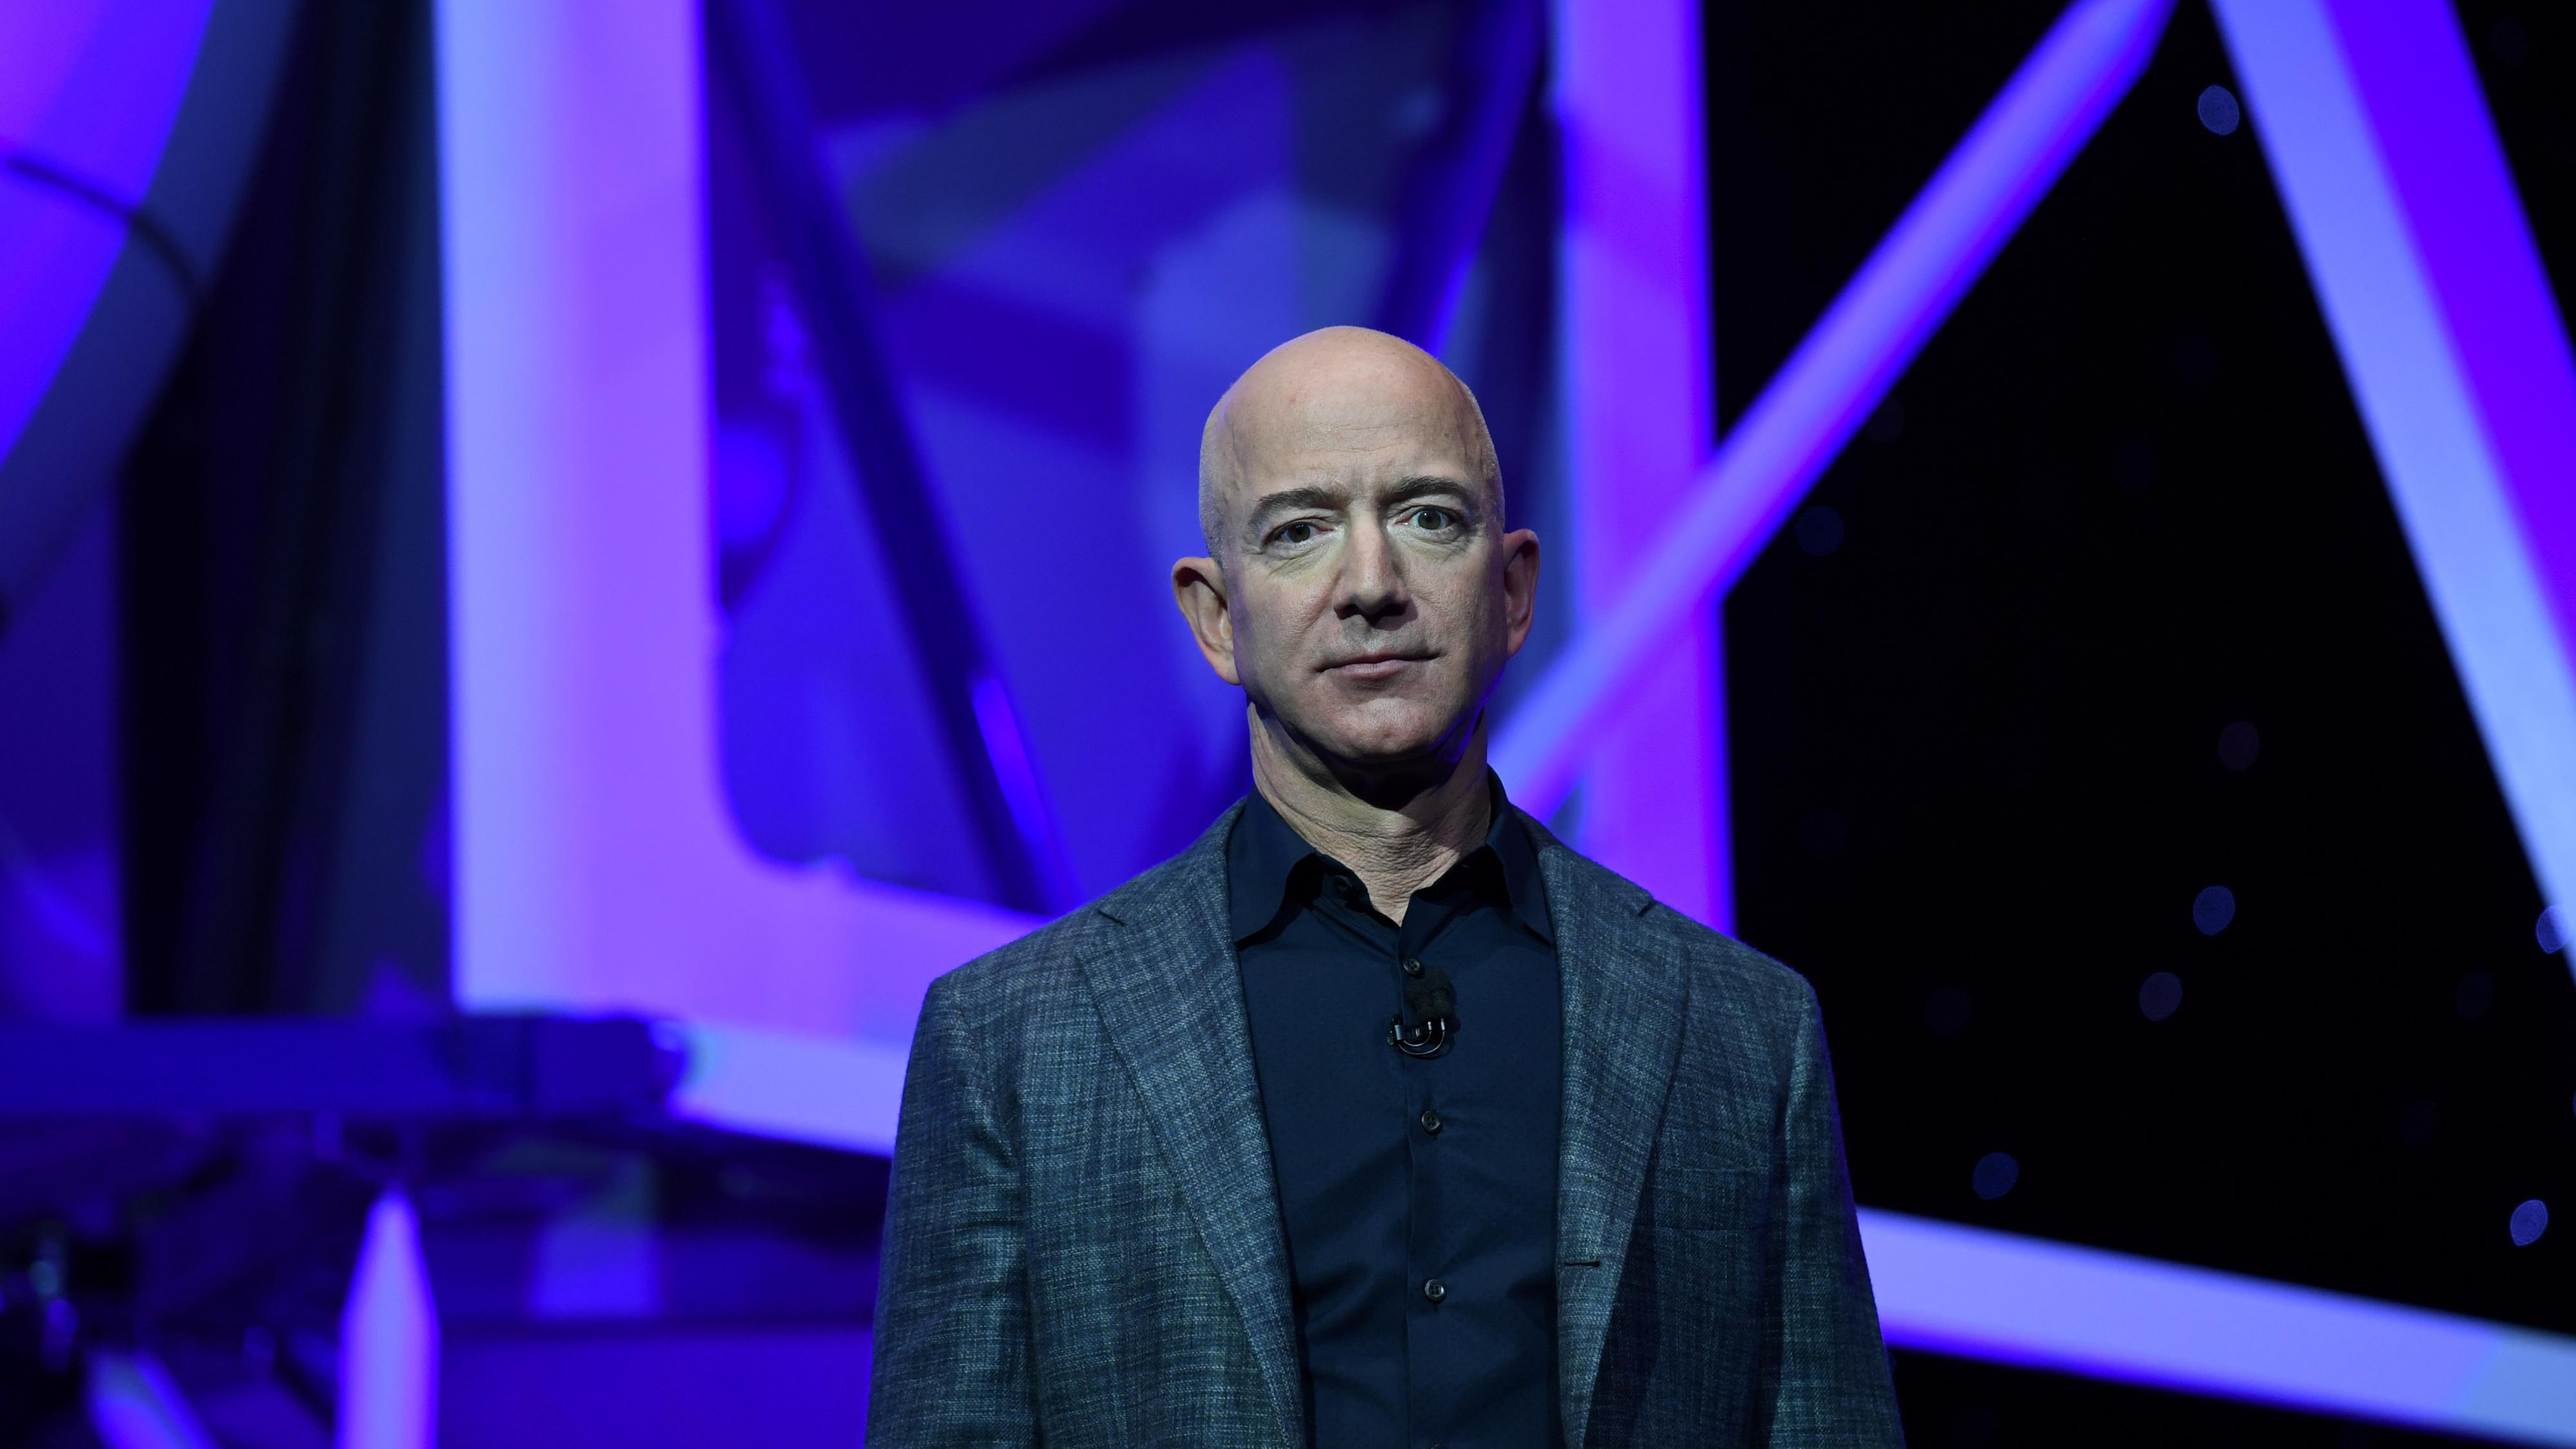 Jeff Bezos unveils his space company Blue Origin's space exploration lunar lander rocket called Blue Moon.